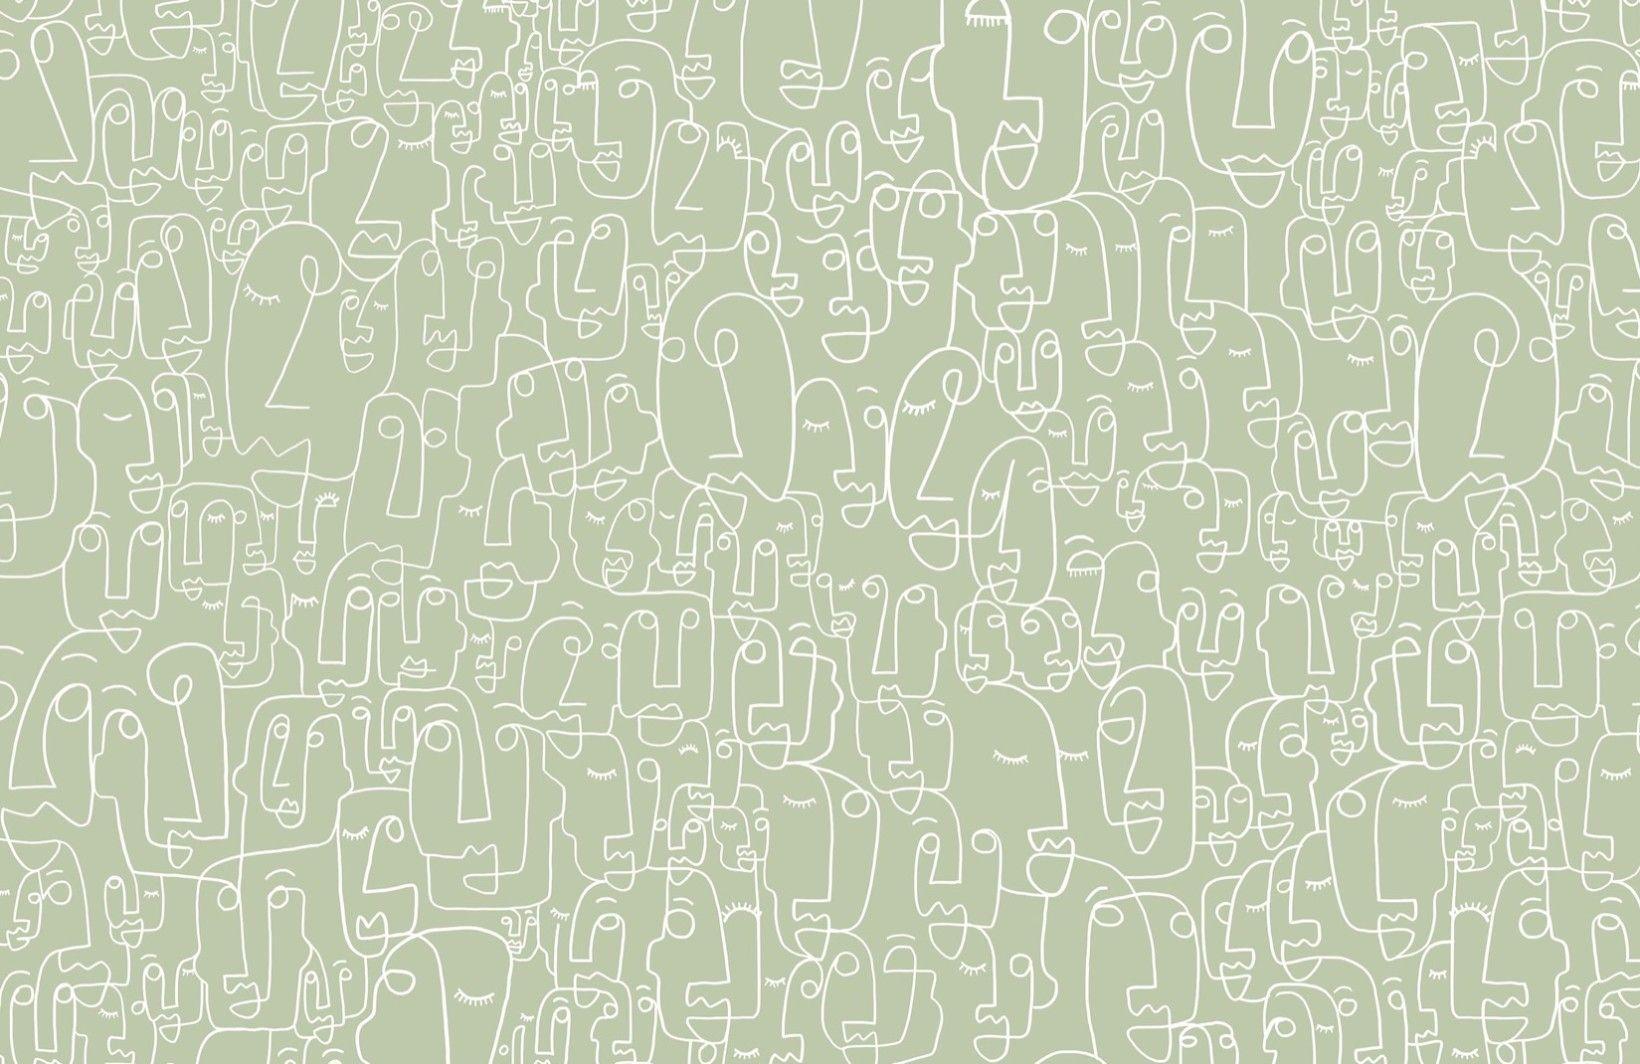 1640x1064 Sage & White Face Wallpaper Mural.  Tranh tường hình nền.  Hình nền vẽ, Hình nền máy tính thẩm mỹ, Hình nền bức tranh tường